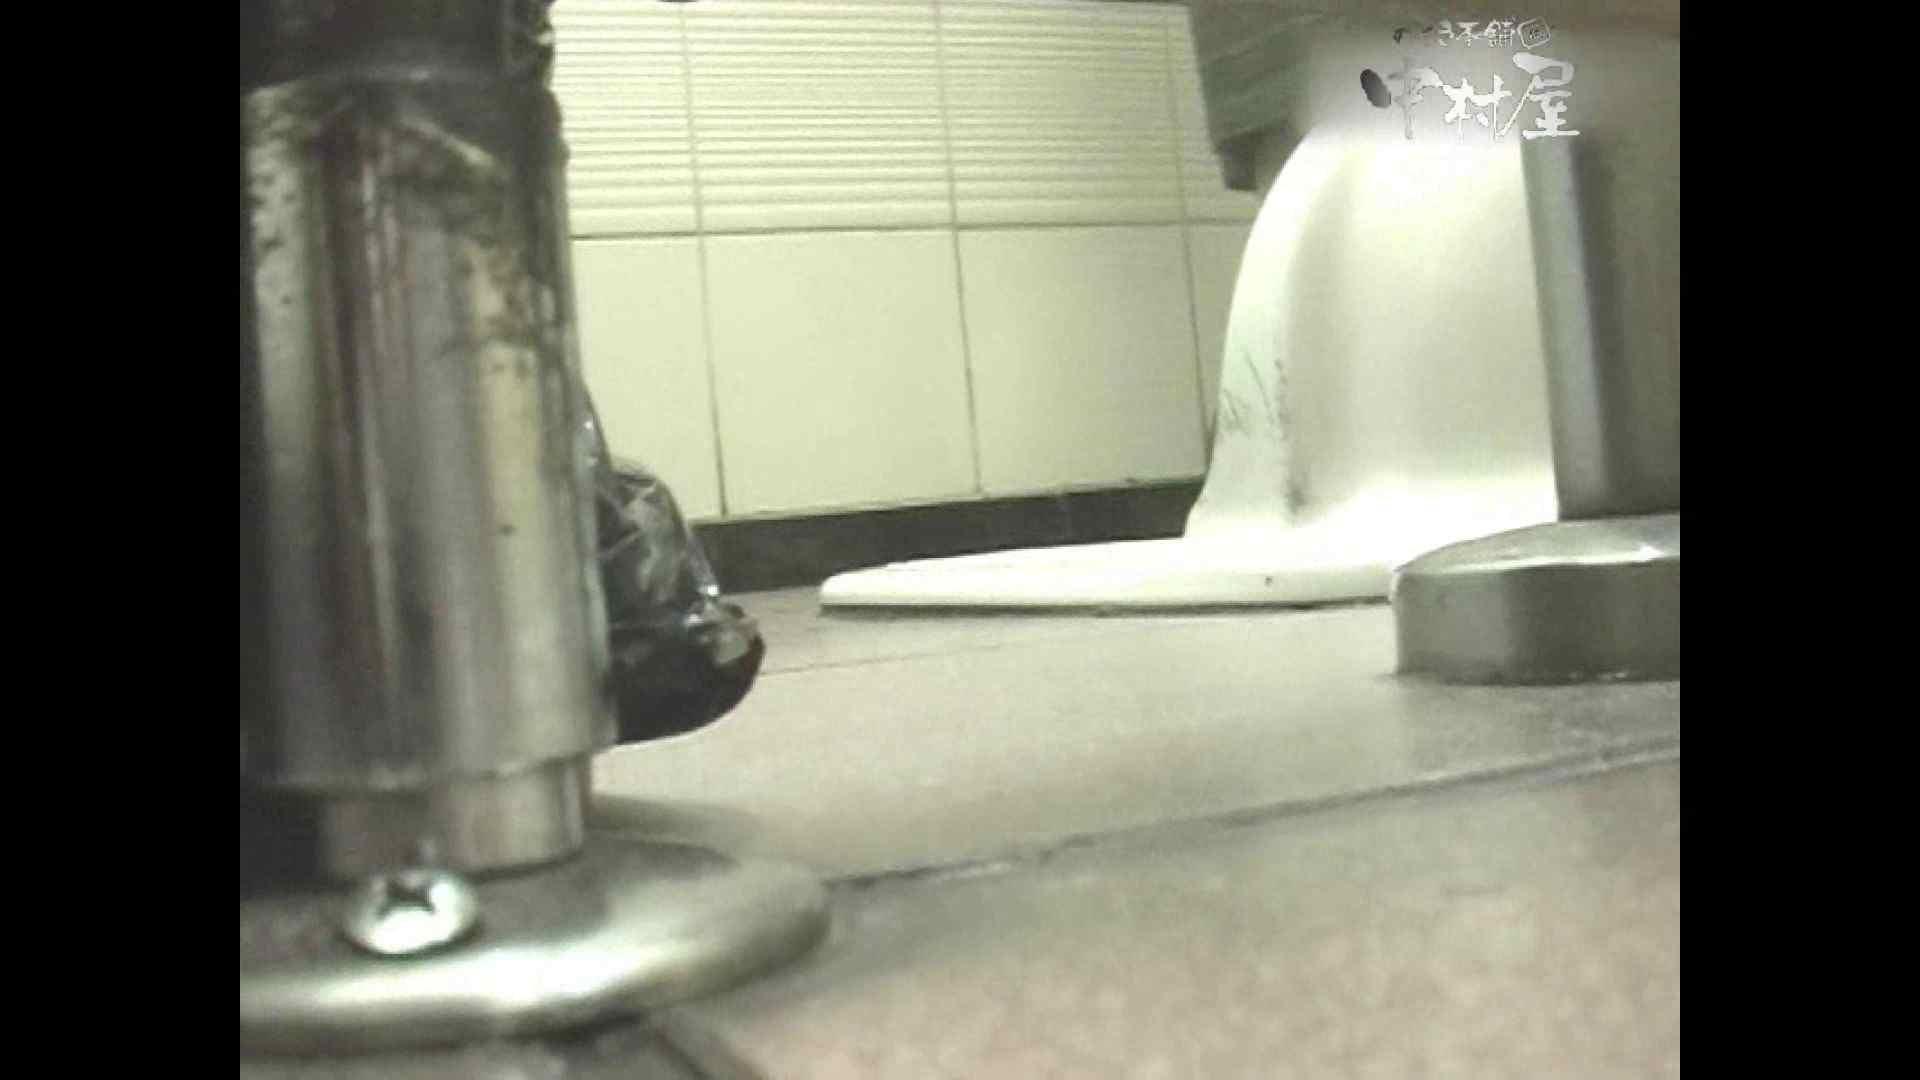 岩手県在住盗撮師盗撮記録vol.24 ハプニング | モロだしオマンコ  80pic 73